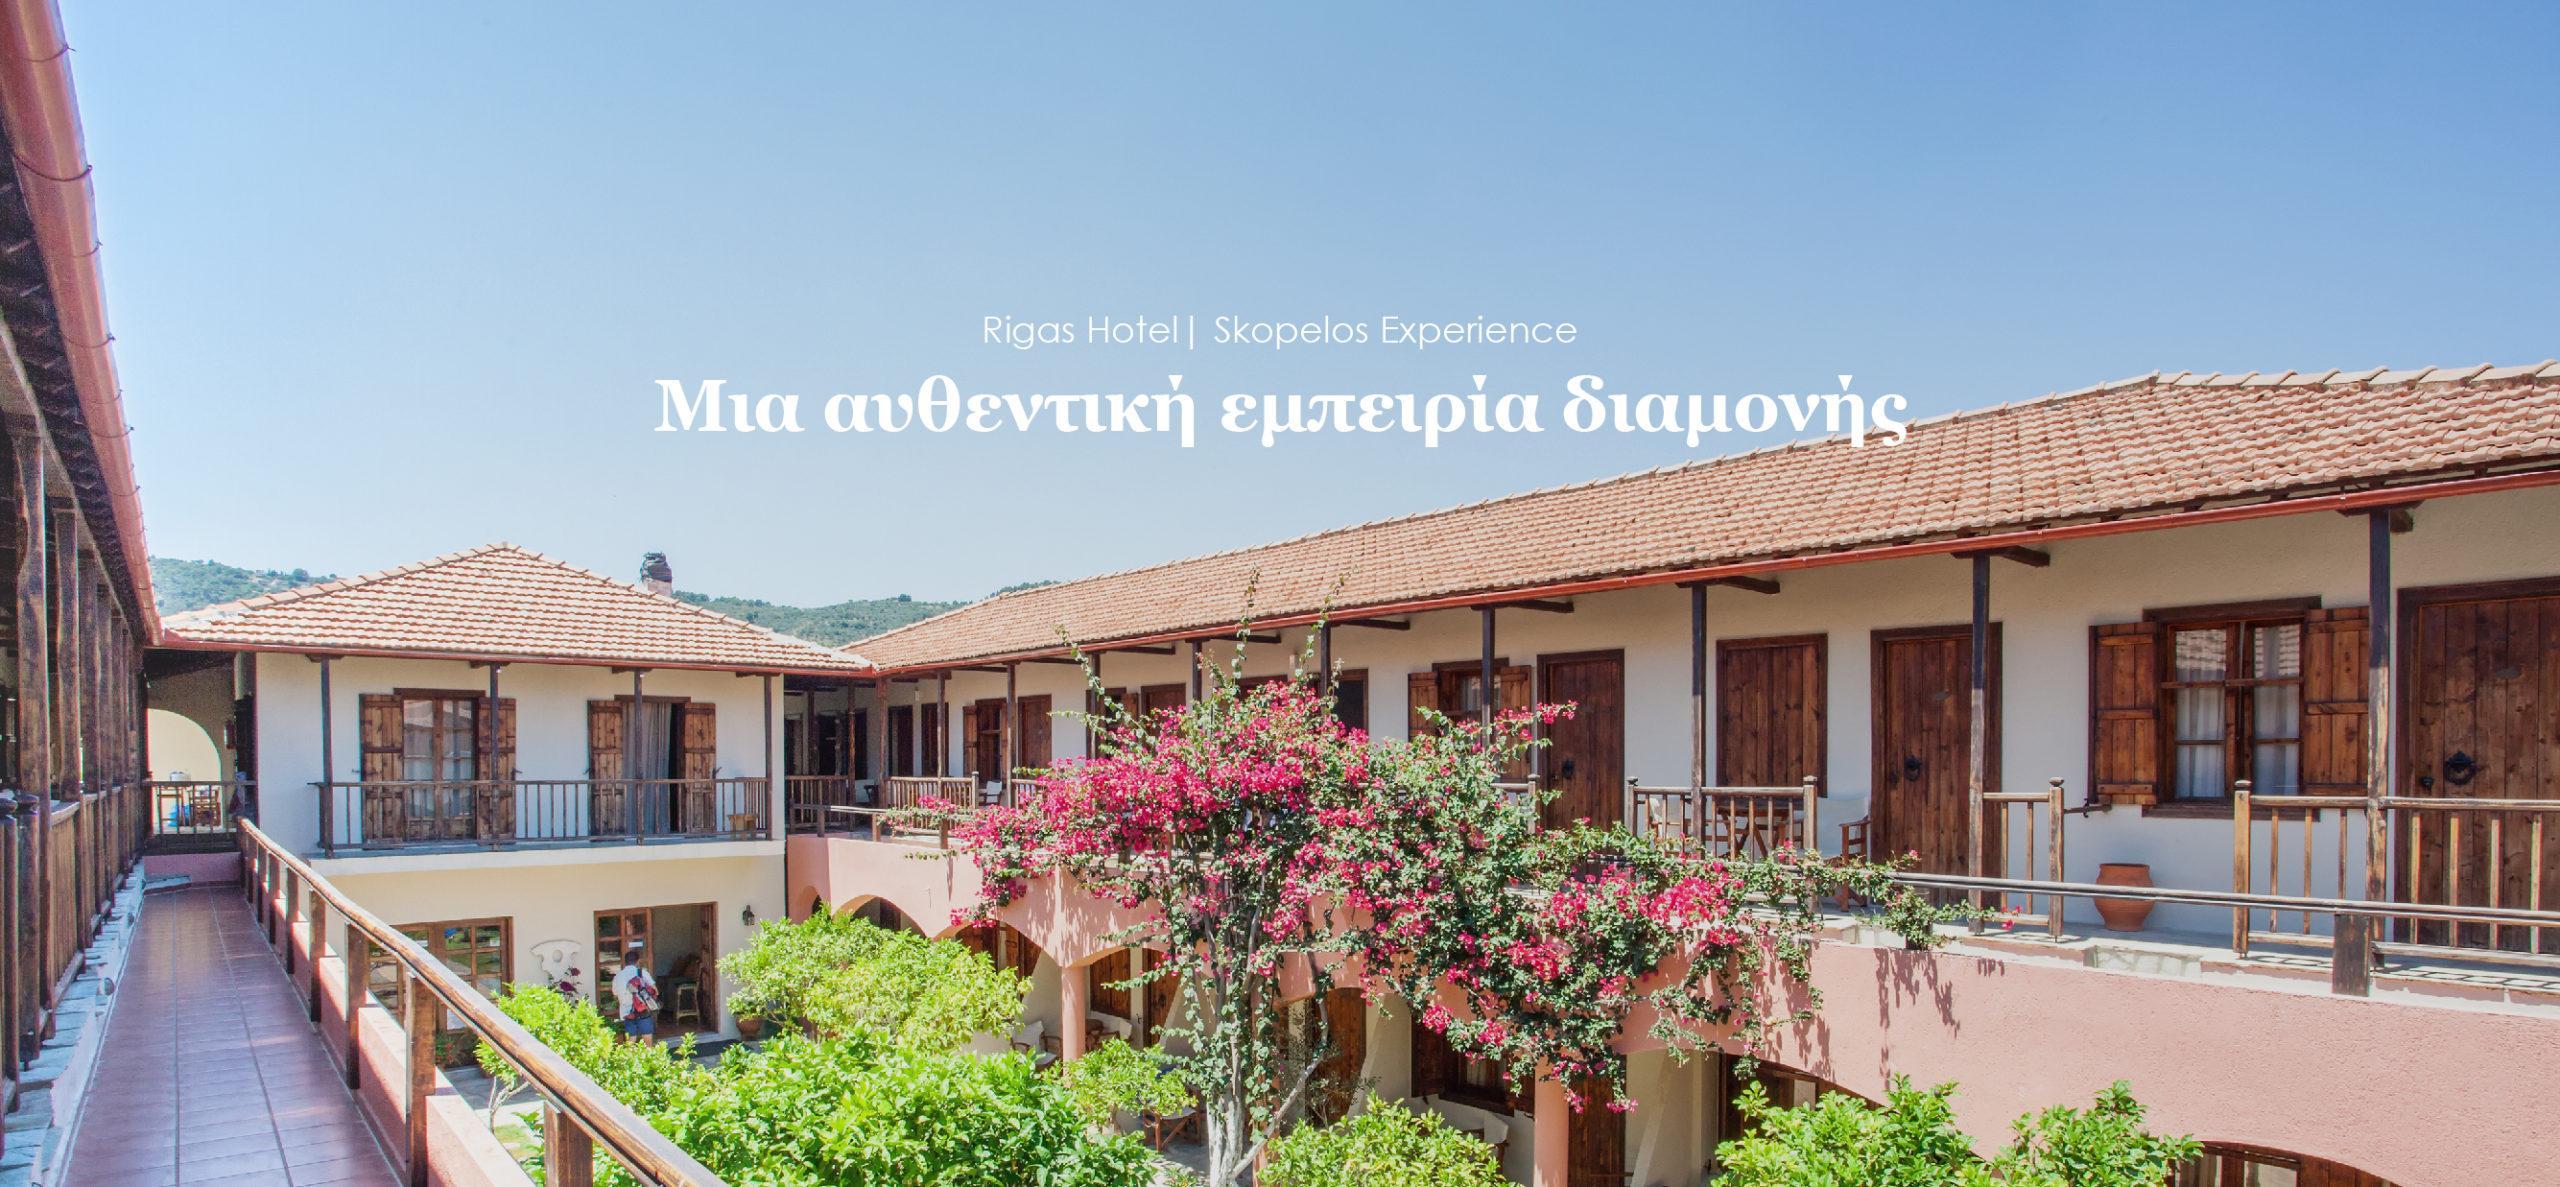 Rigas Hotel Skopelos Ξενοδοχείο Στη Σκόπελο